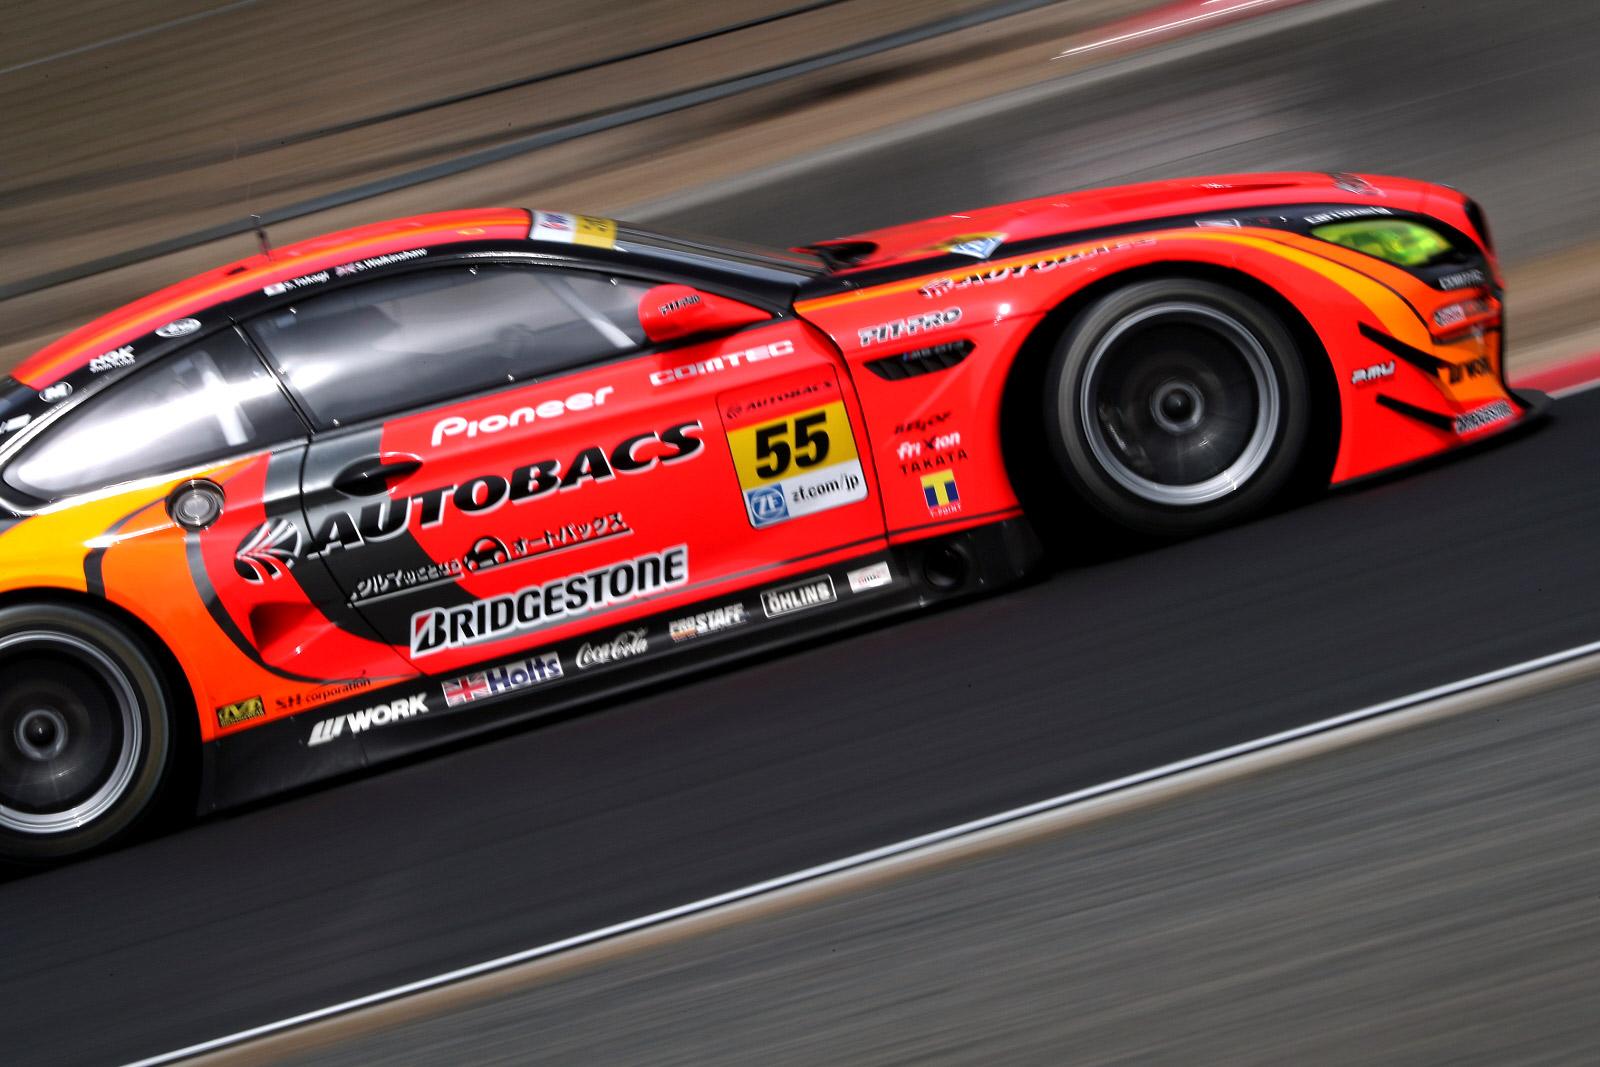 Sean Walkinshaw ready for Super GT race debut in Japan this weekend.